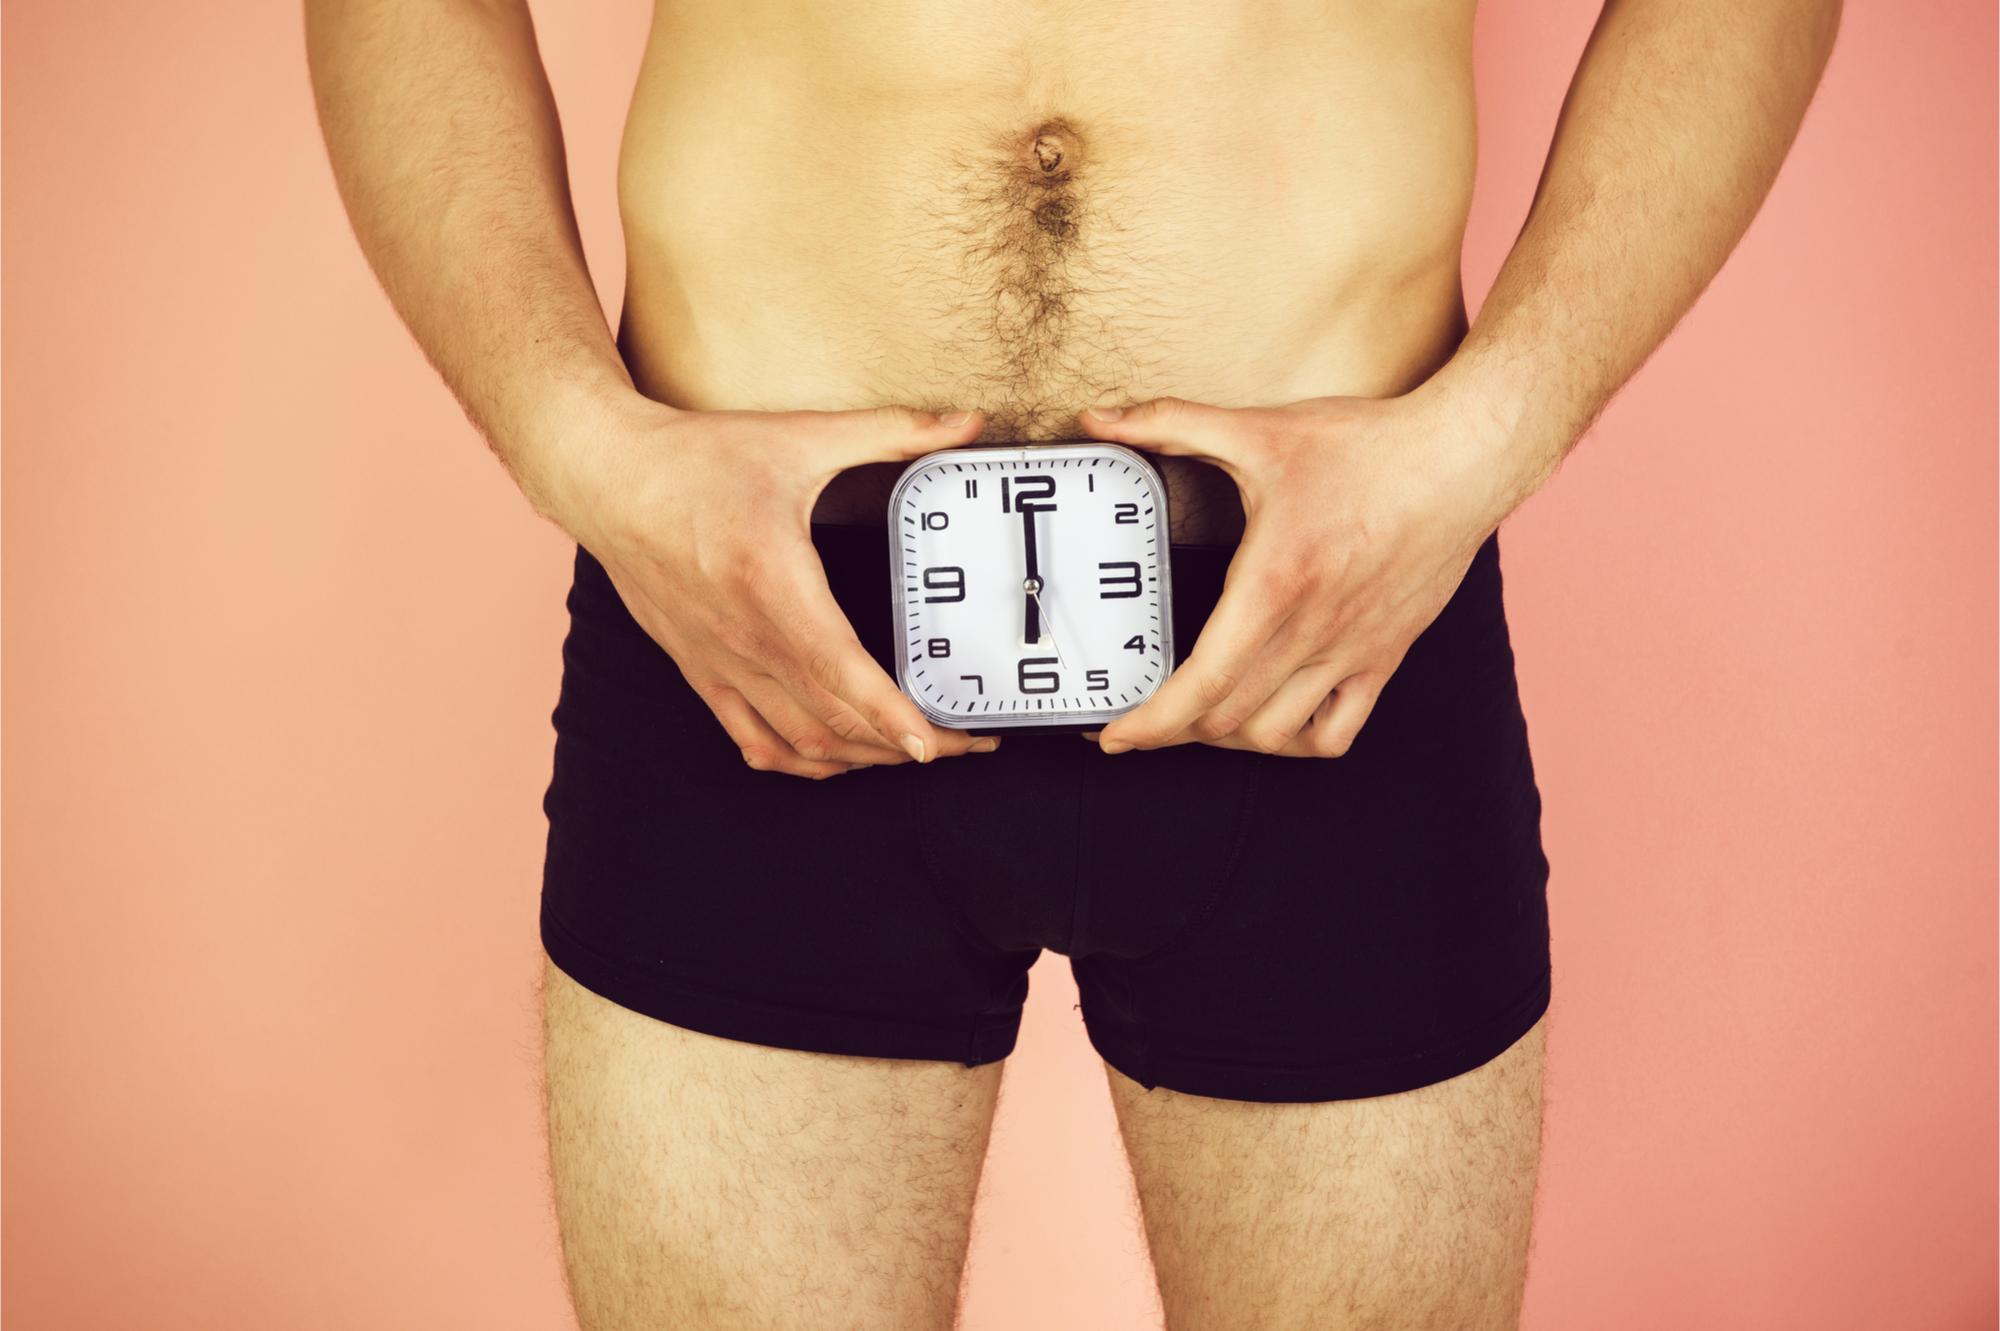 kézi pénisz stimuláció az erekciós problémák pszichológiája